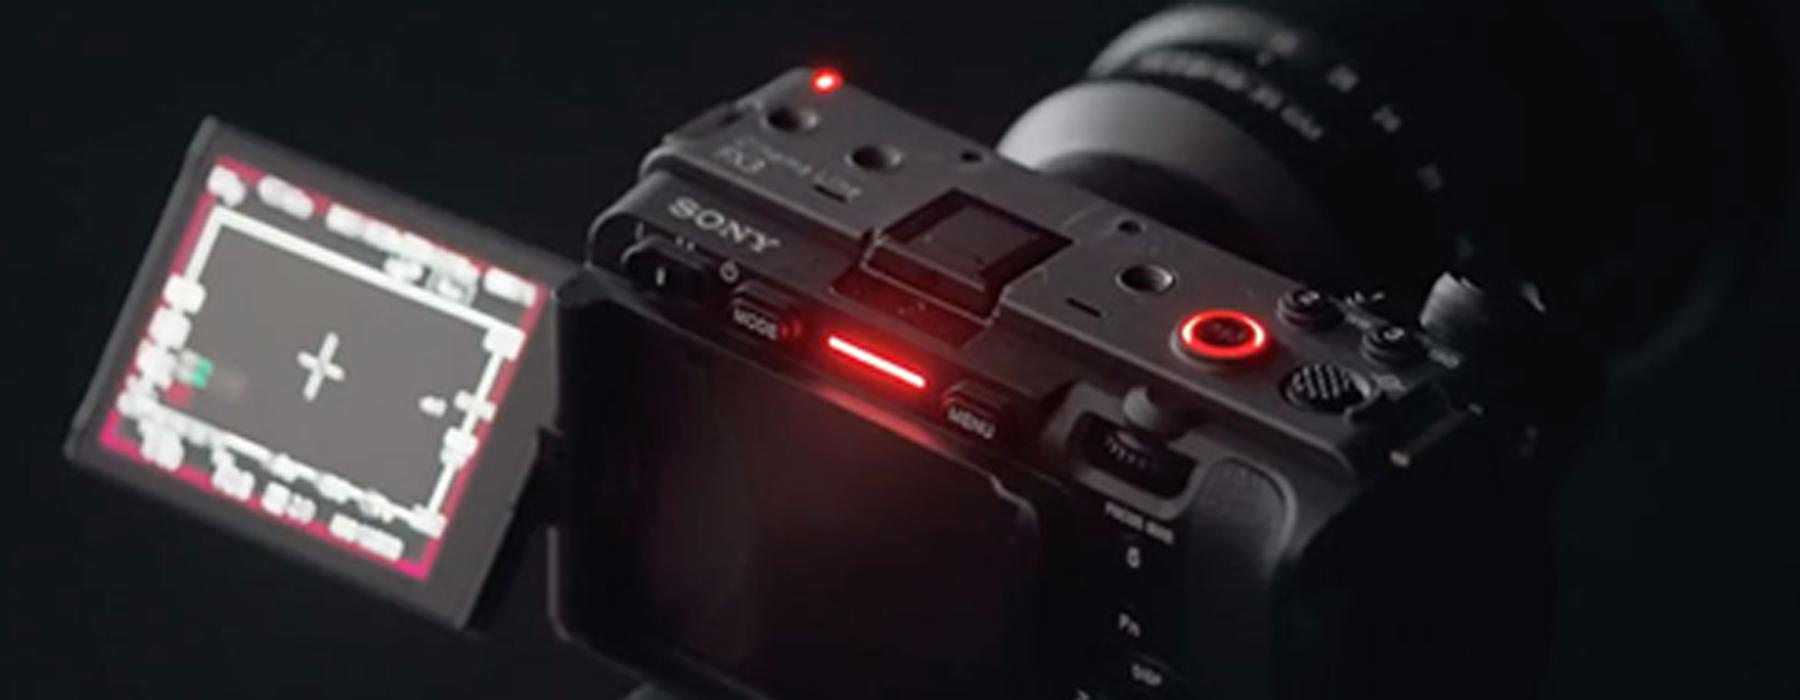 Sony FX6 VS Sony FX3: In-Depth Look